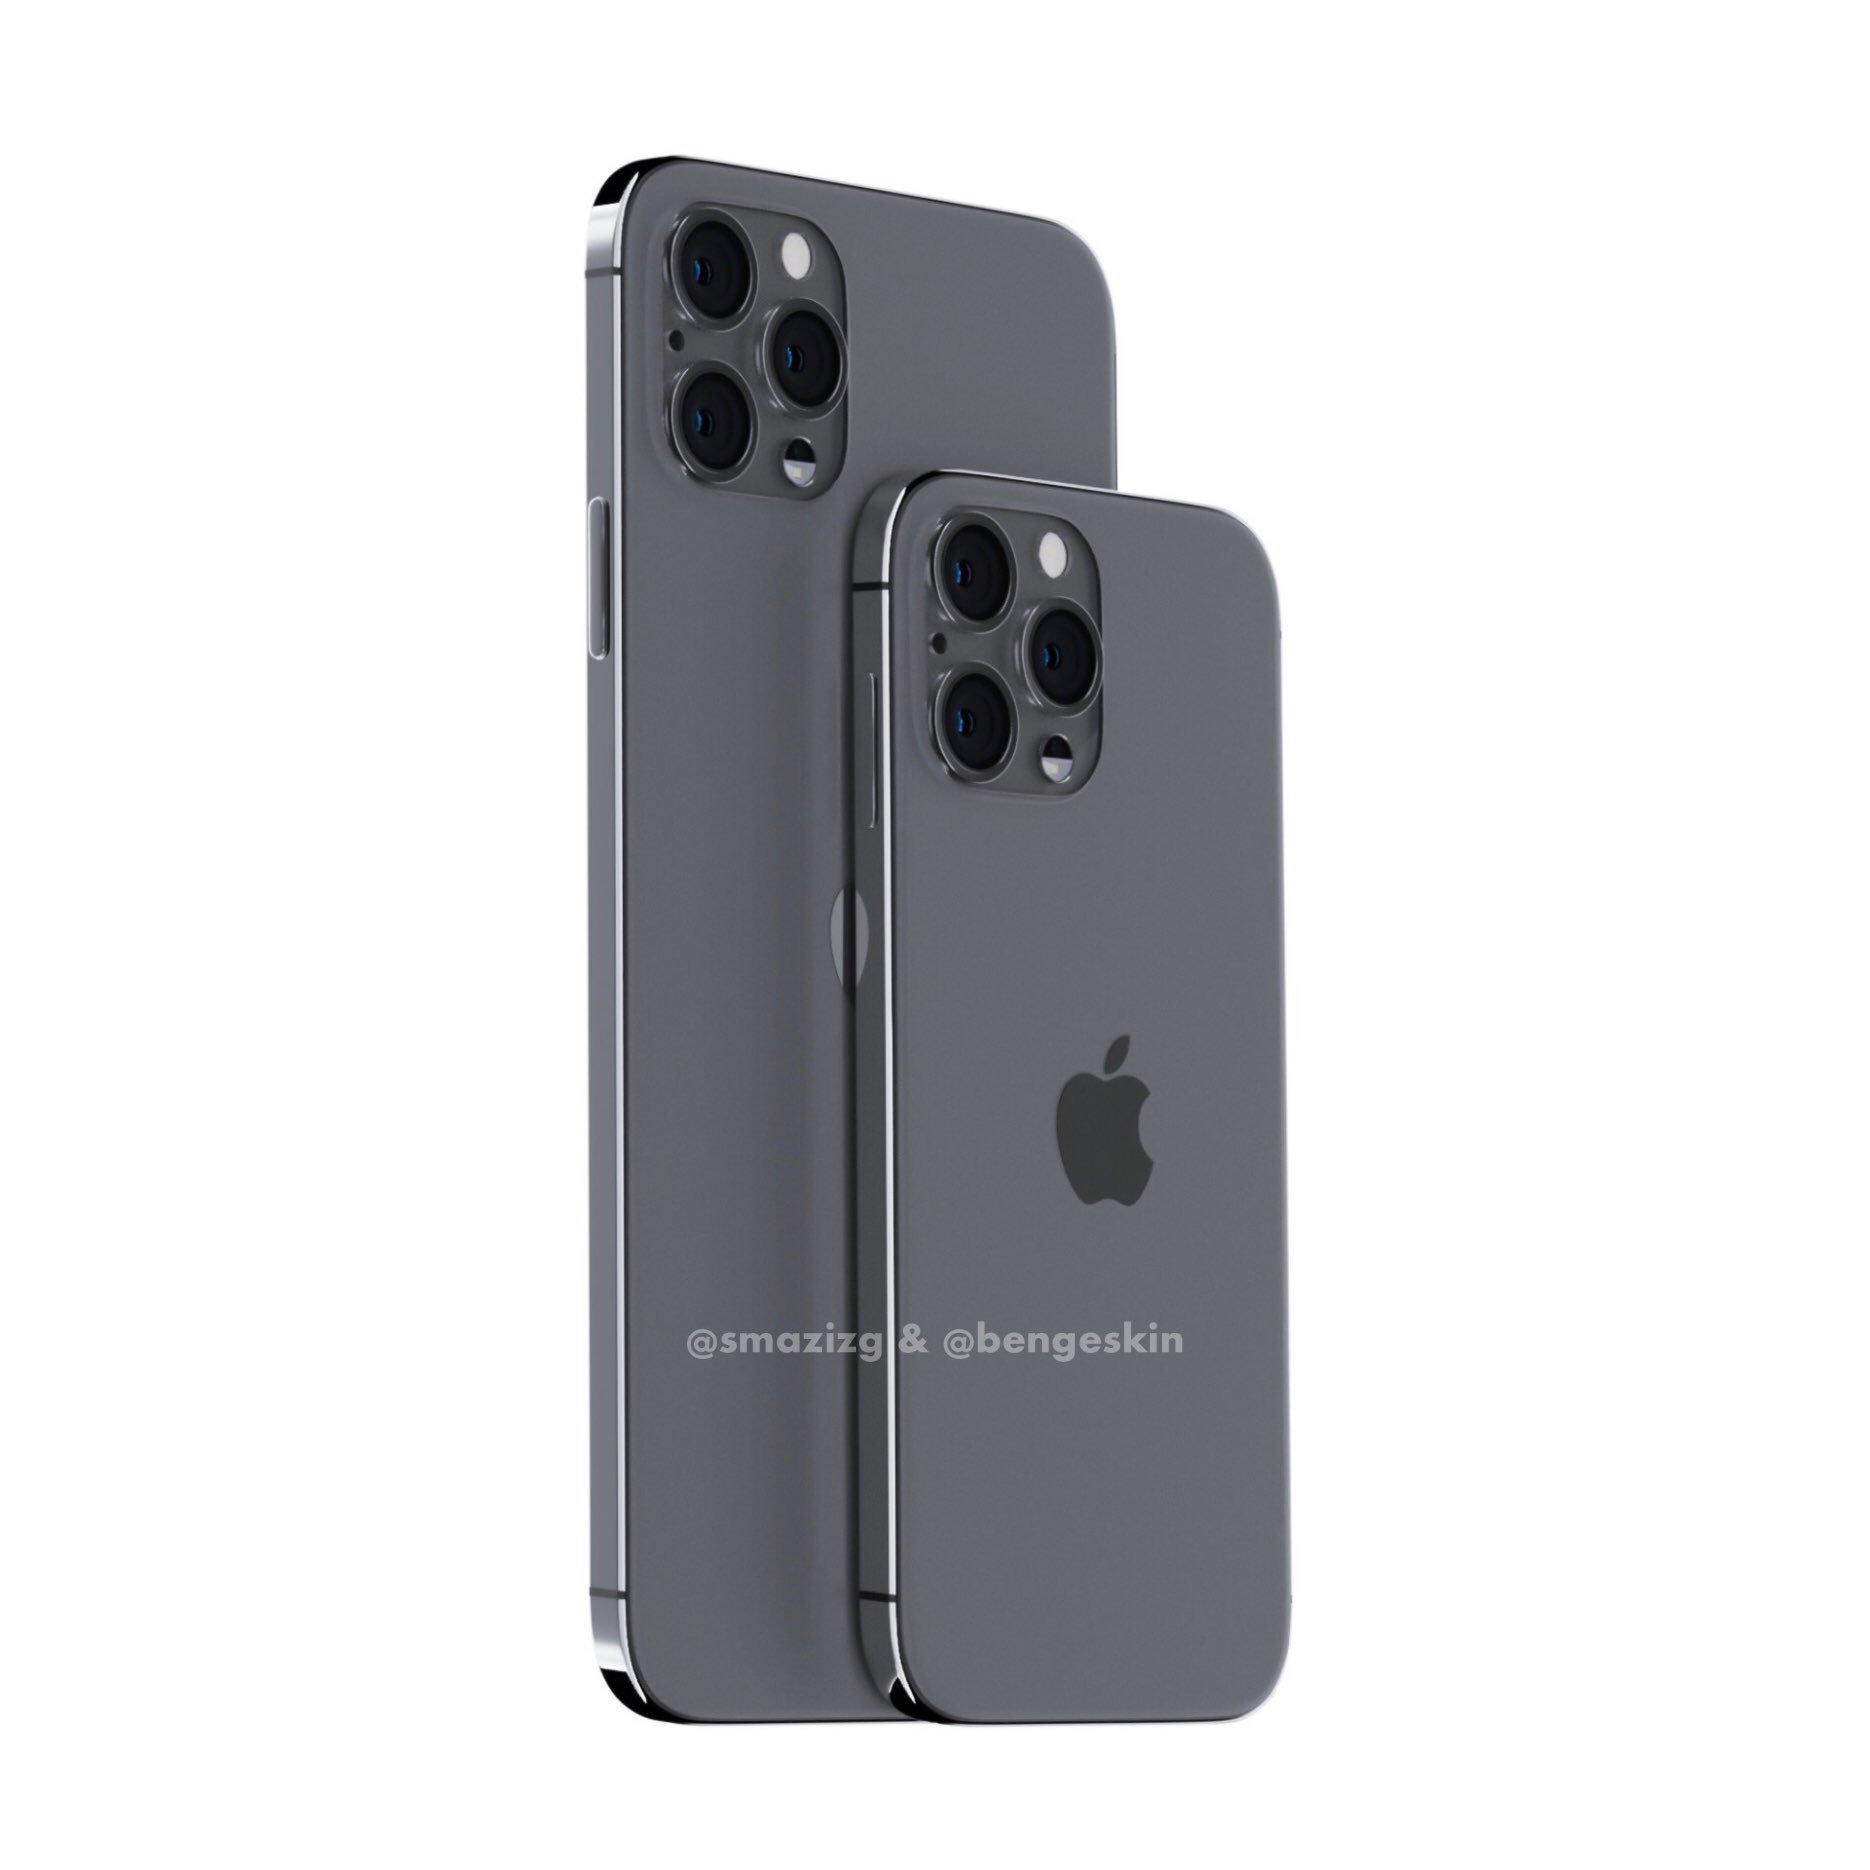 Галерея дня: компактный безрамочный iPhone XE во всей красе ... | 1870x1870